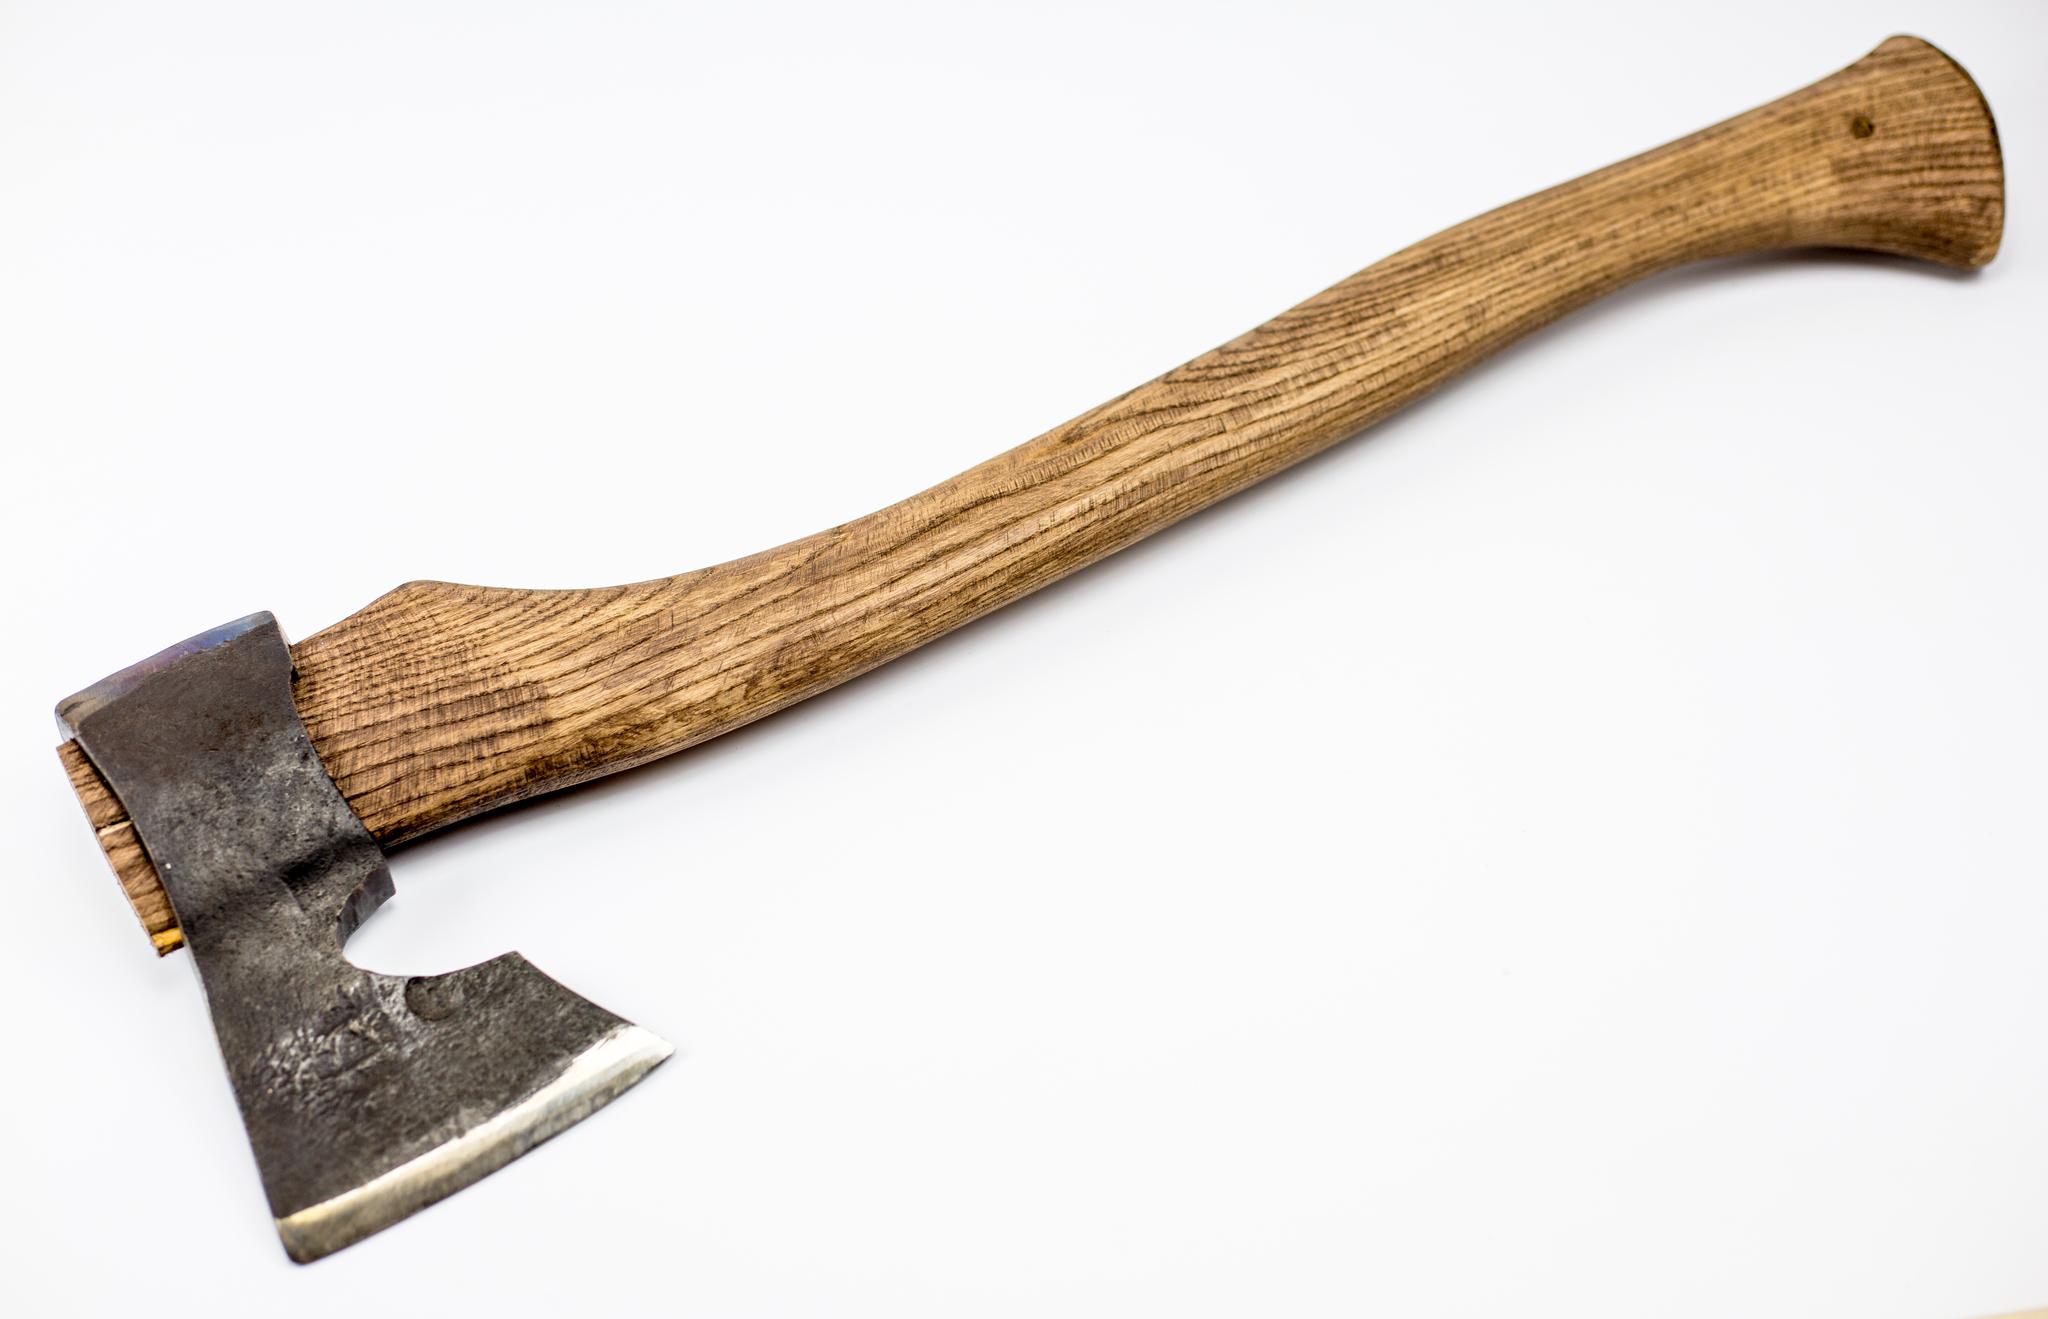 Топор У8, с кожаным чехломУ8<br>Чехолиз натуральной шорно-седельной кожи органической обработки!Производятся в г. Саратов<br>